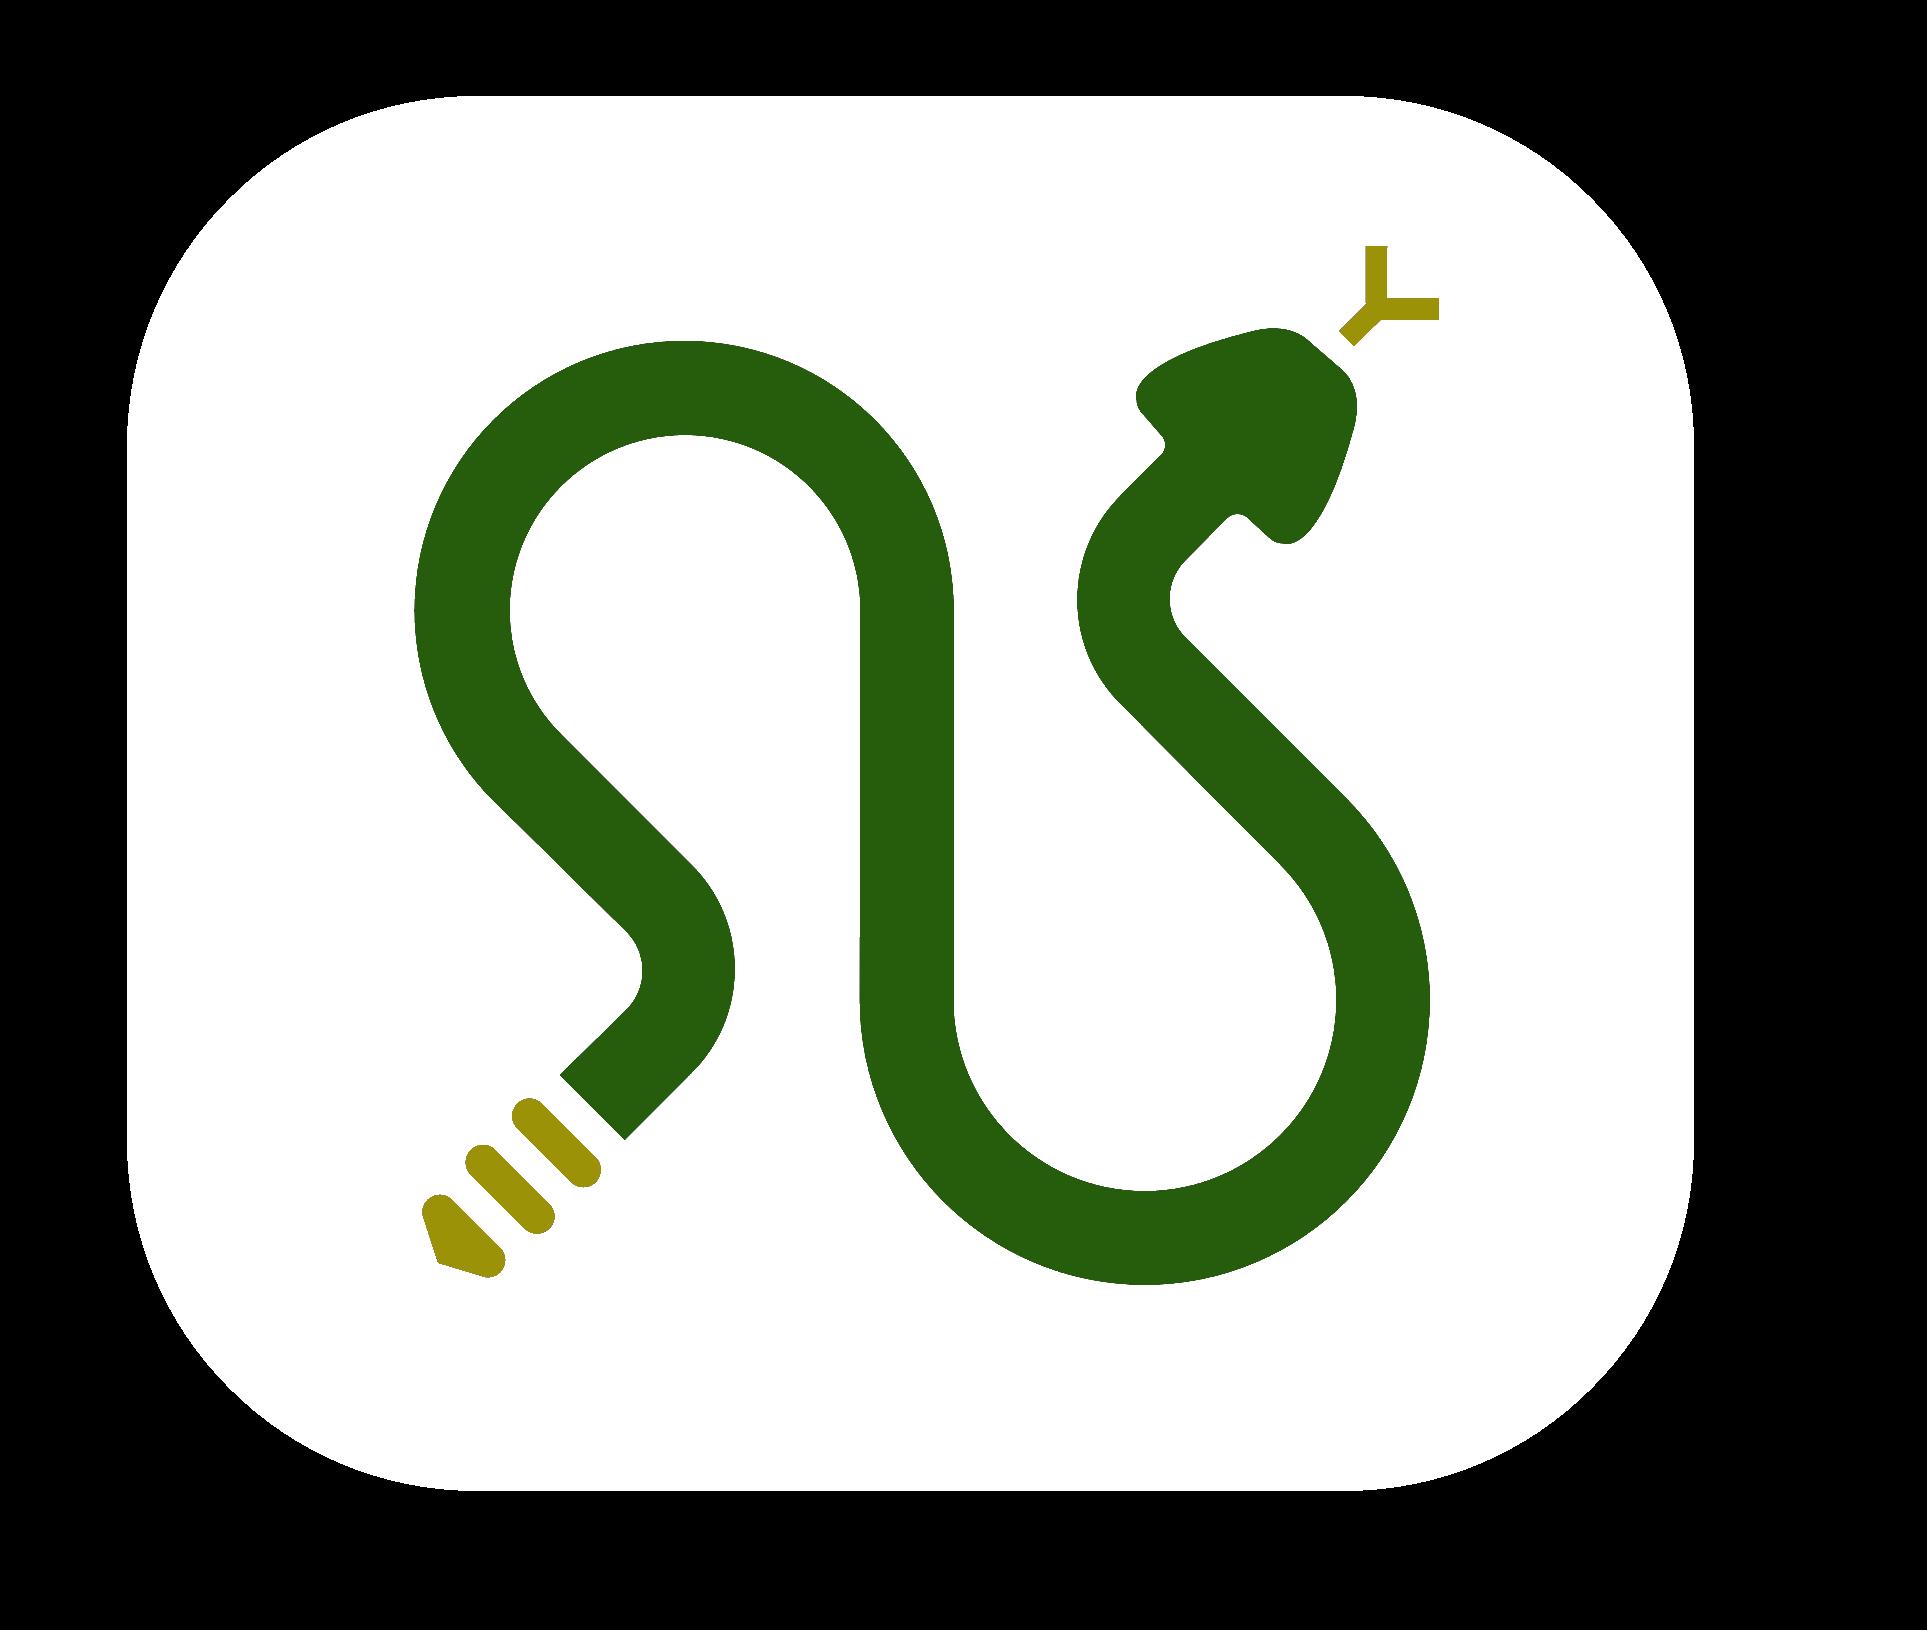 Logo serpientesvenenosas.info